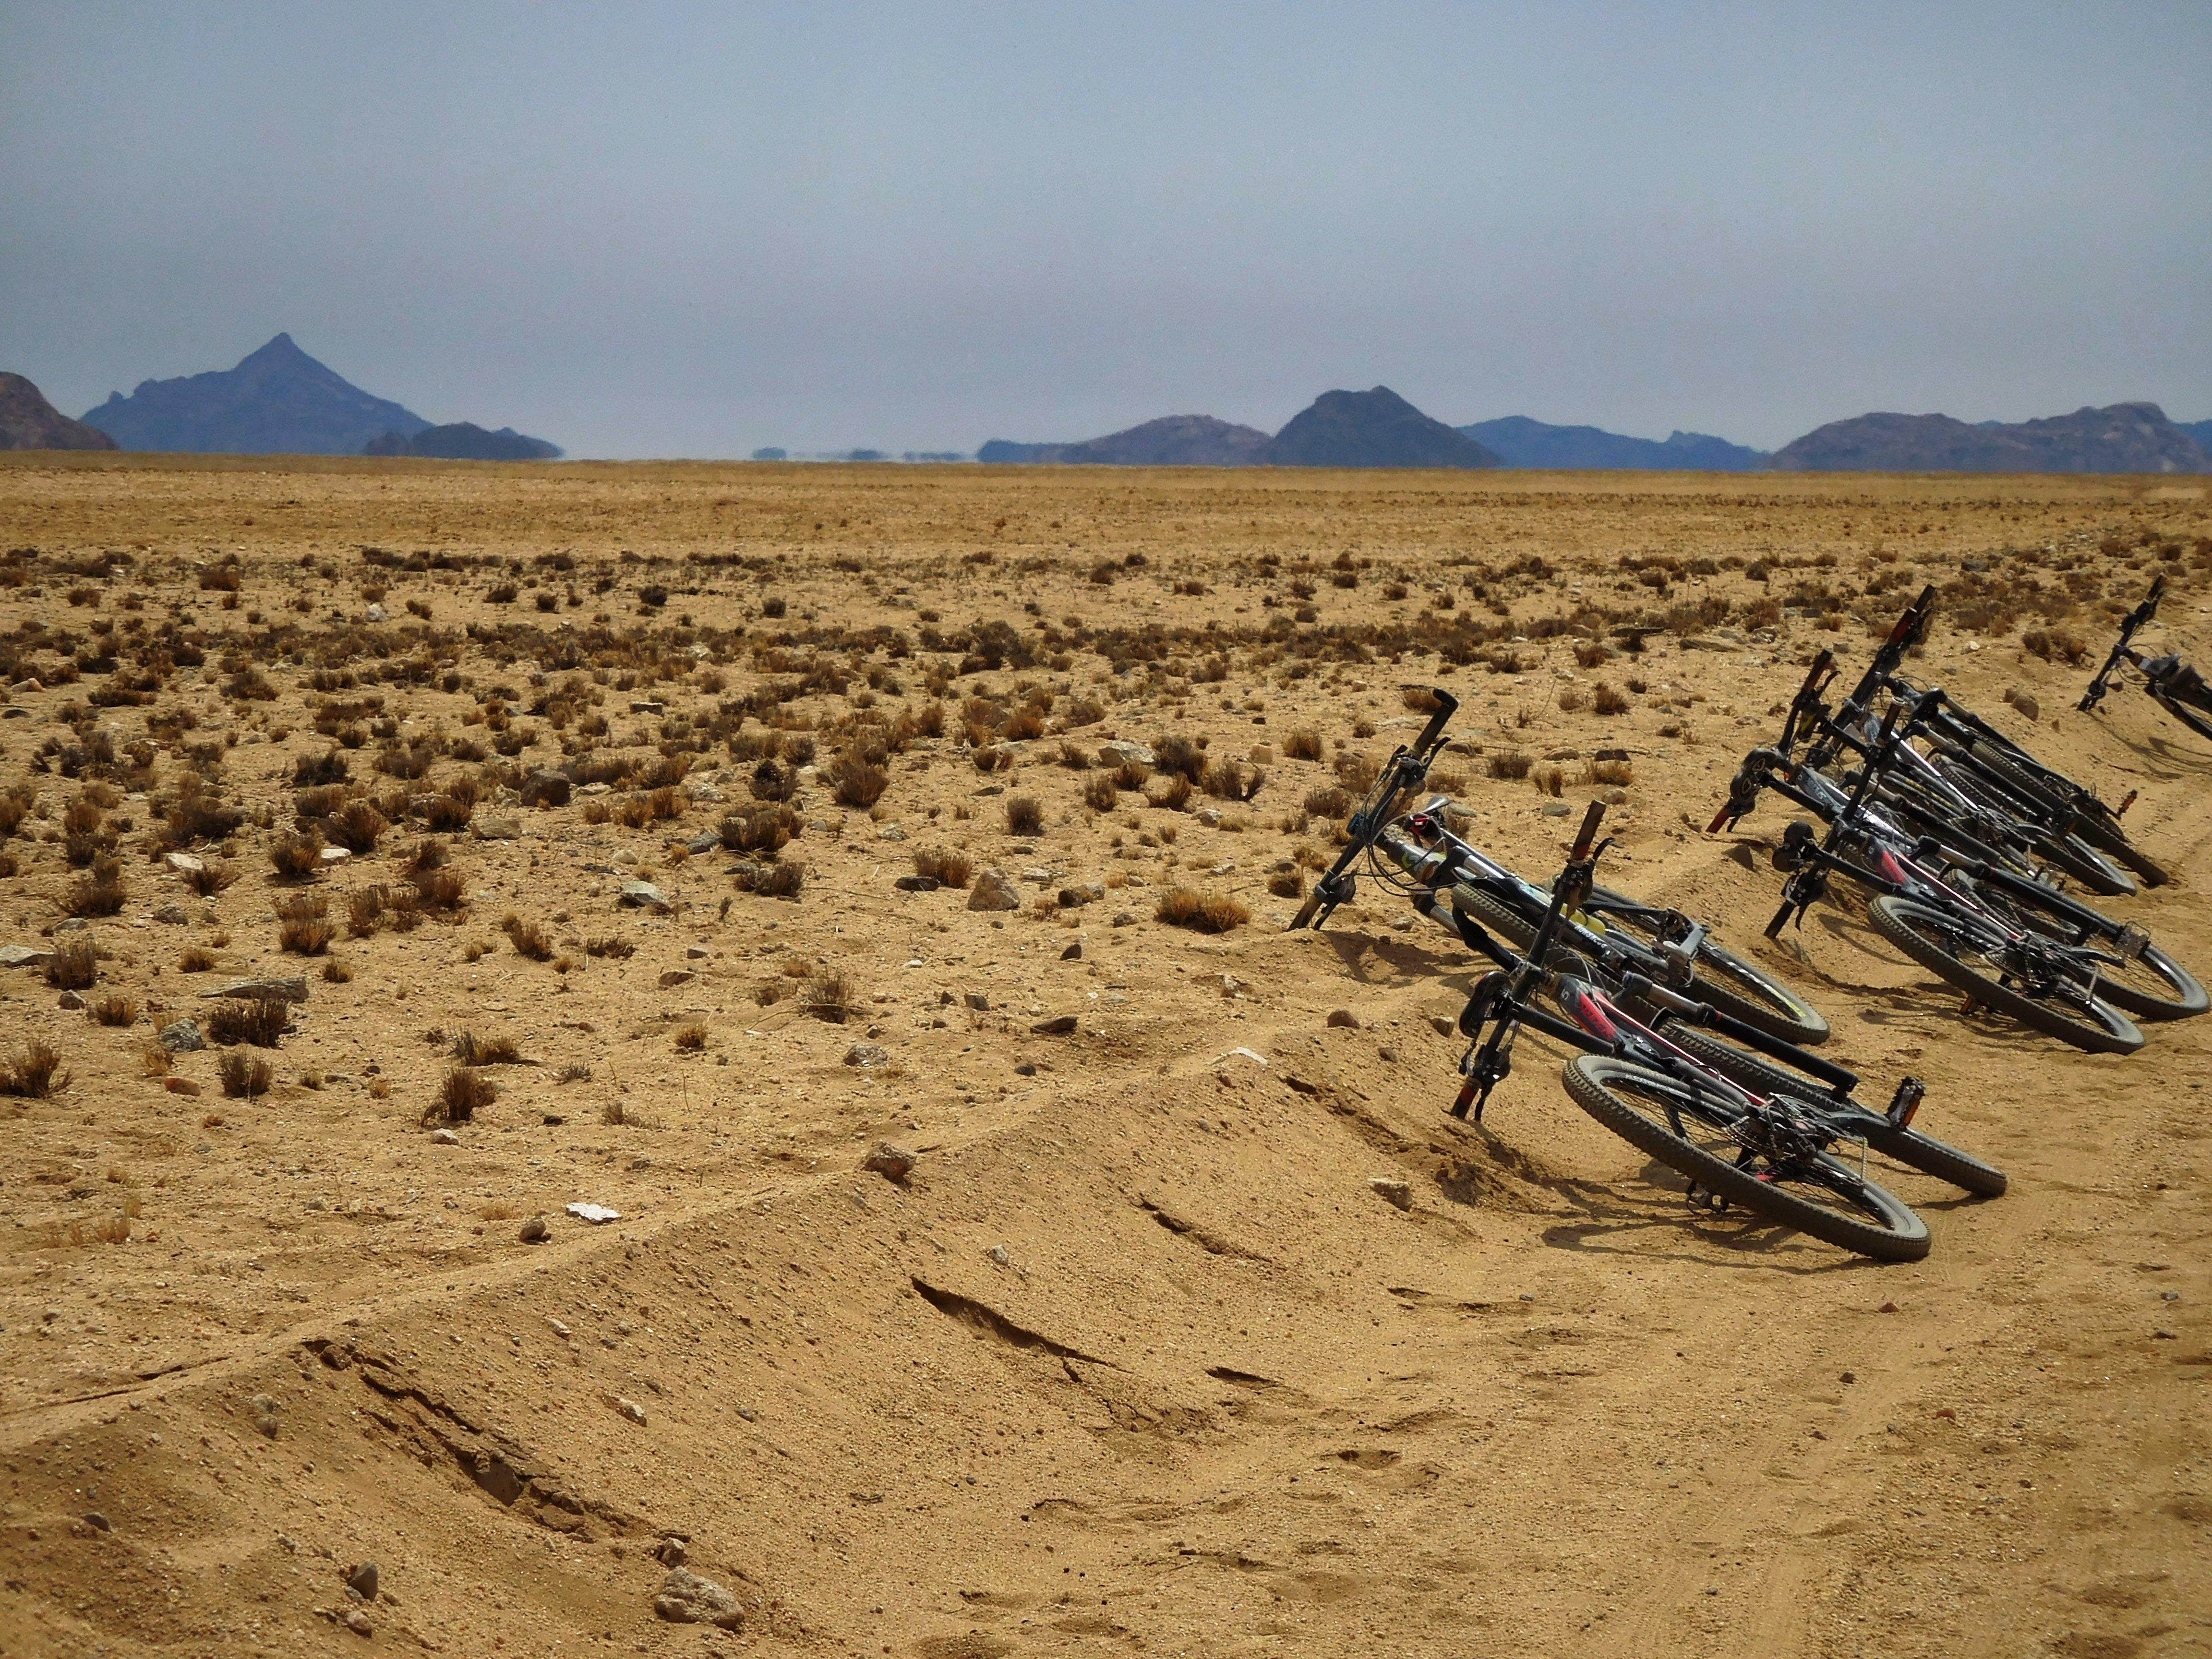 Bikes liegen im Sand in der Wüste Namibias